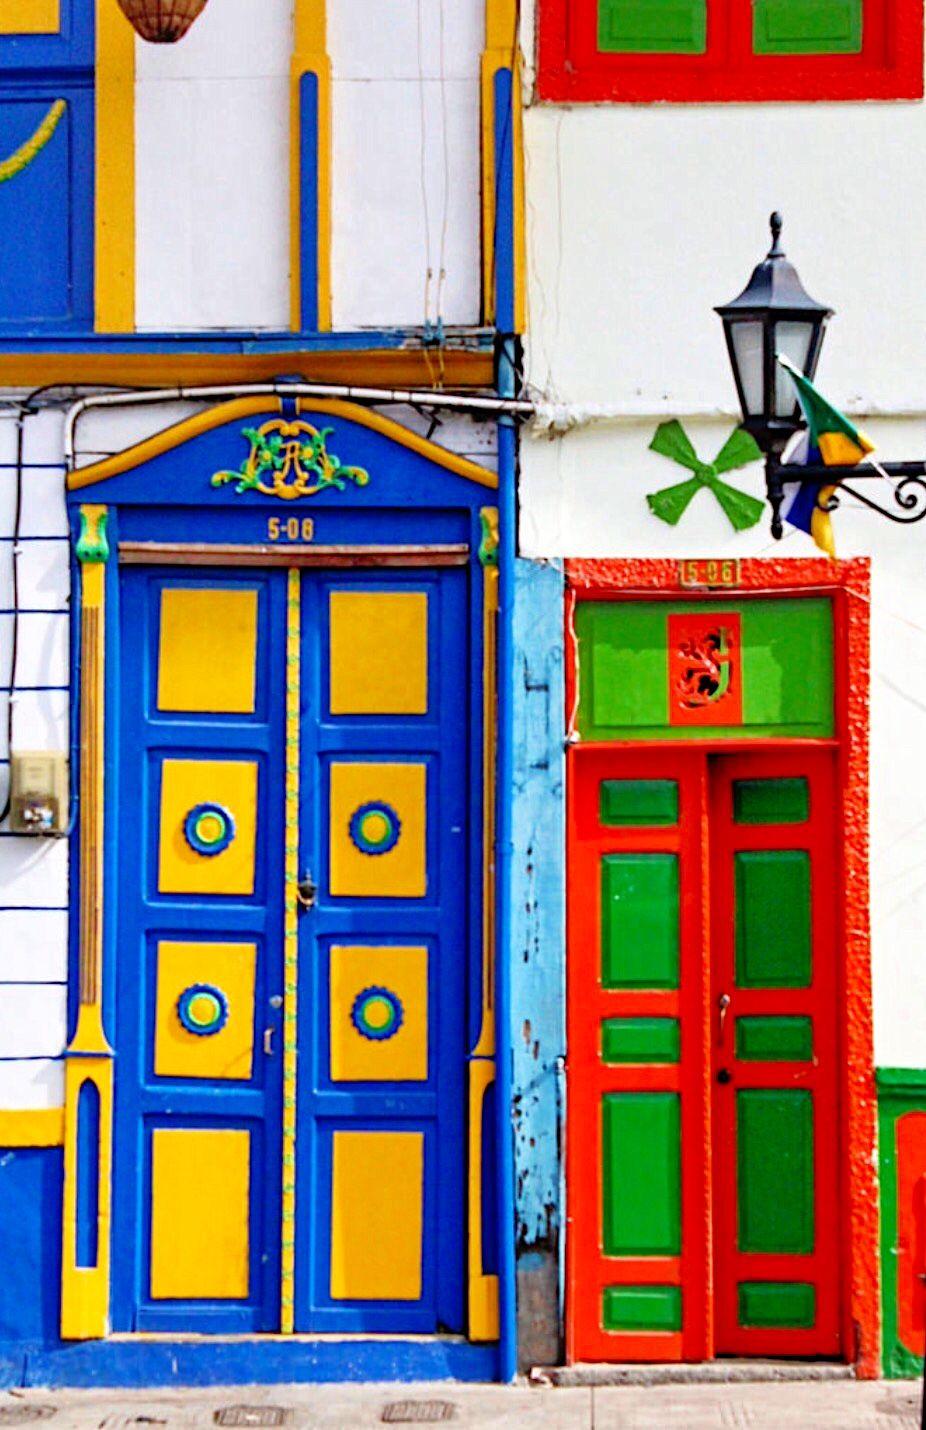 Salento quindio ventana puertas ventanas y el mundo for Puerta 7 campo de mayo